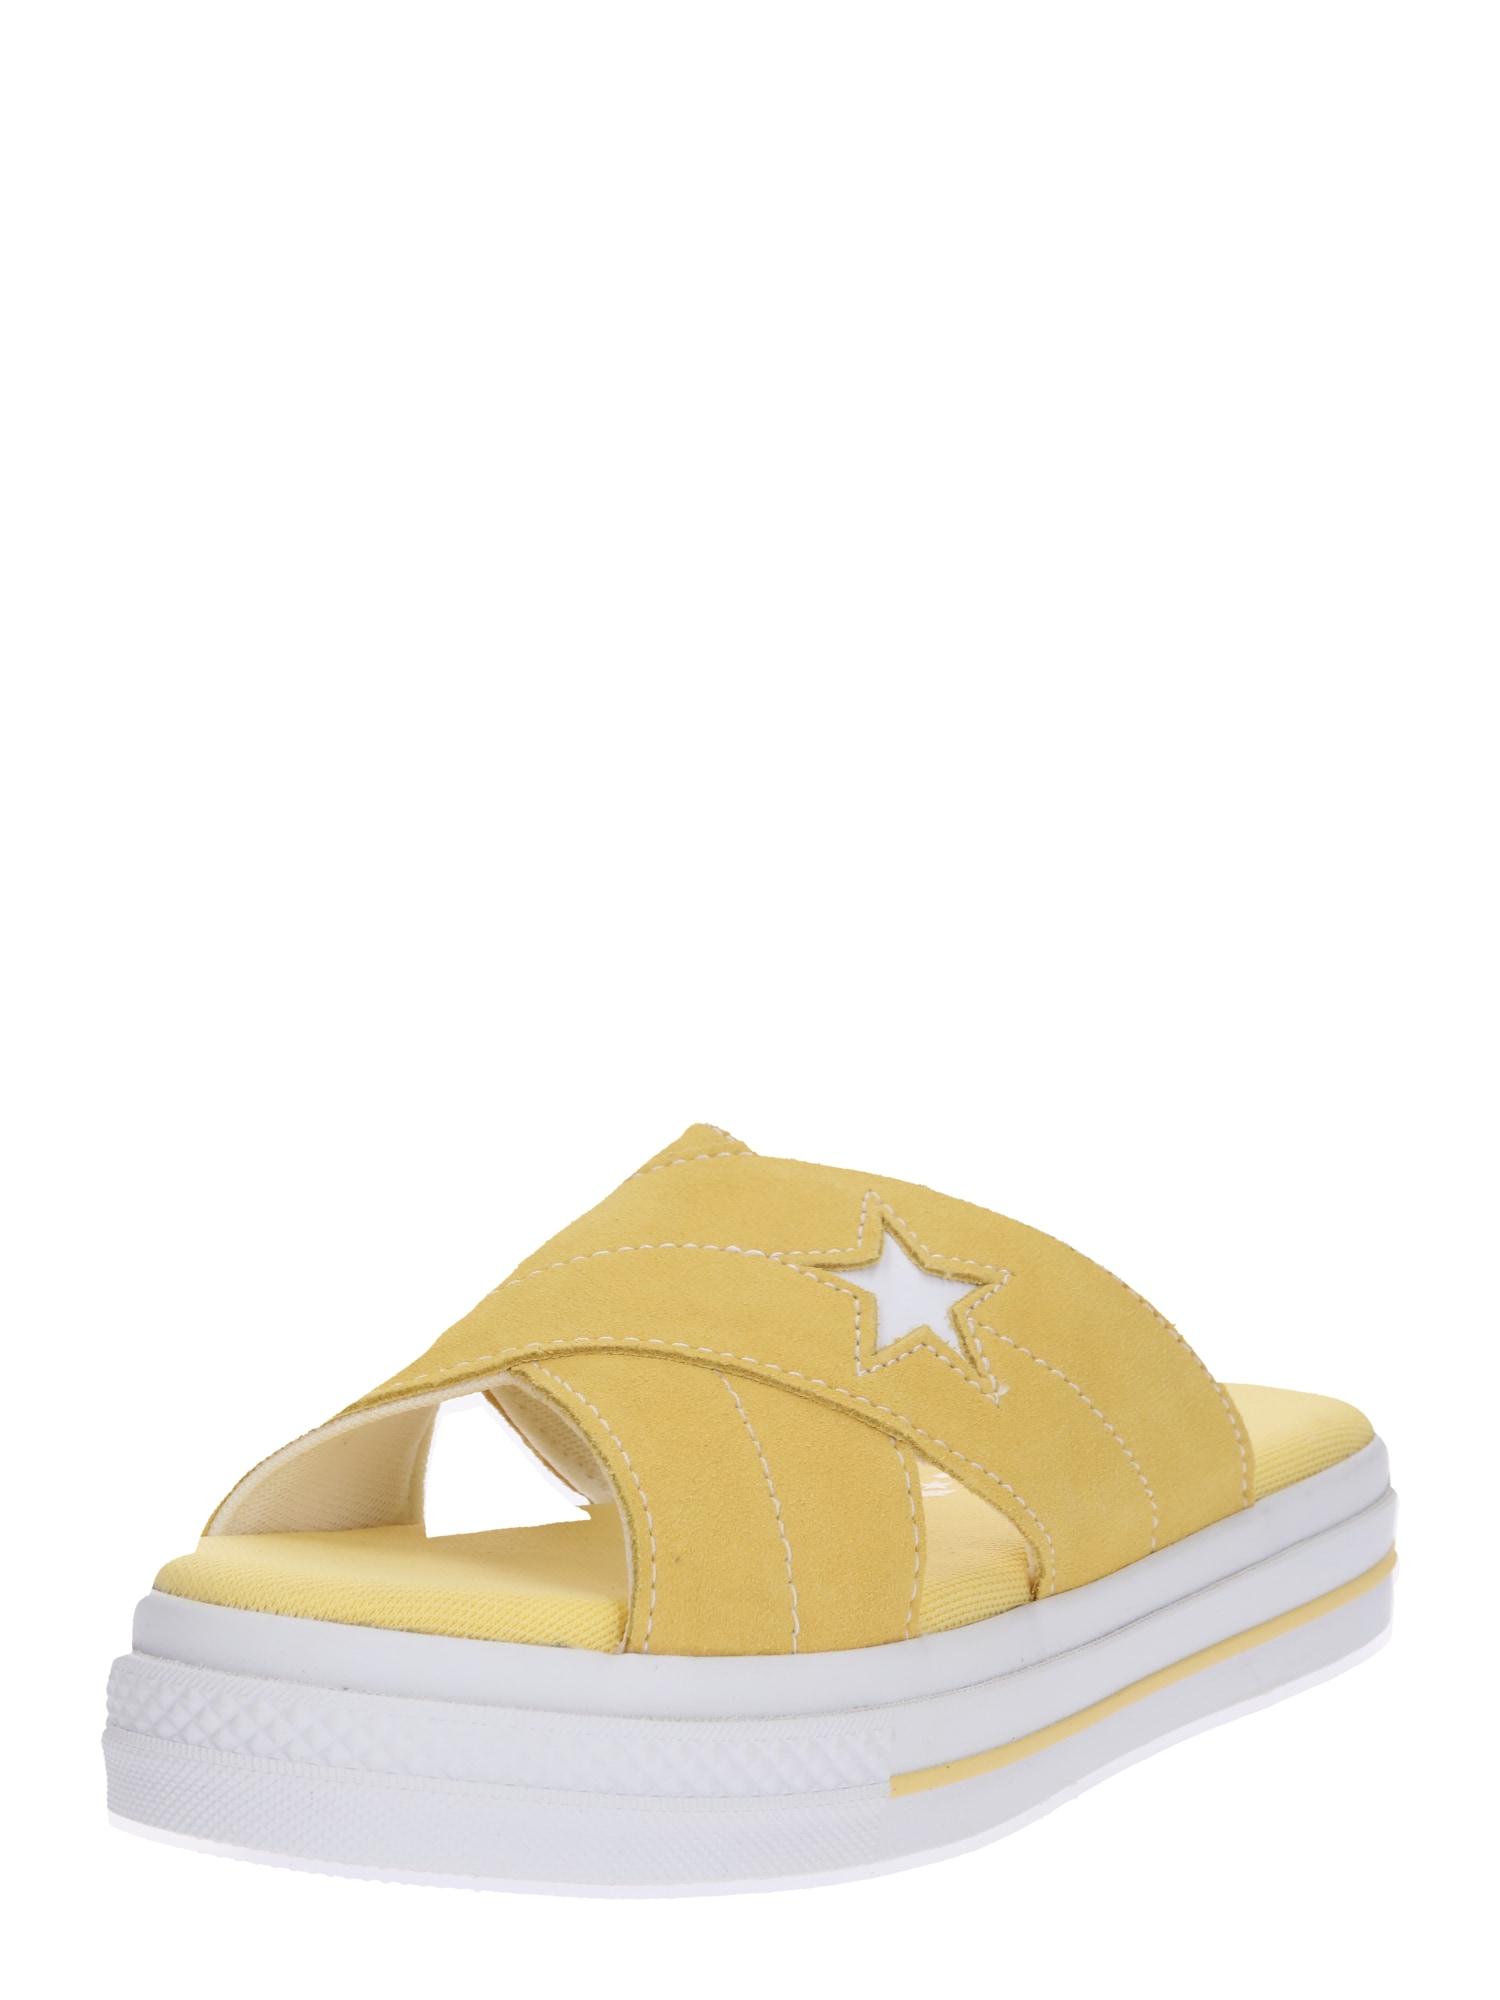 Pantofle ONE STAR žlutá bílá CONVERSE